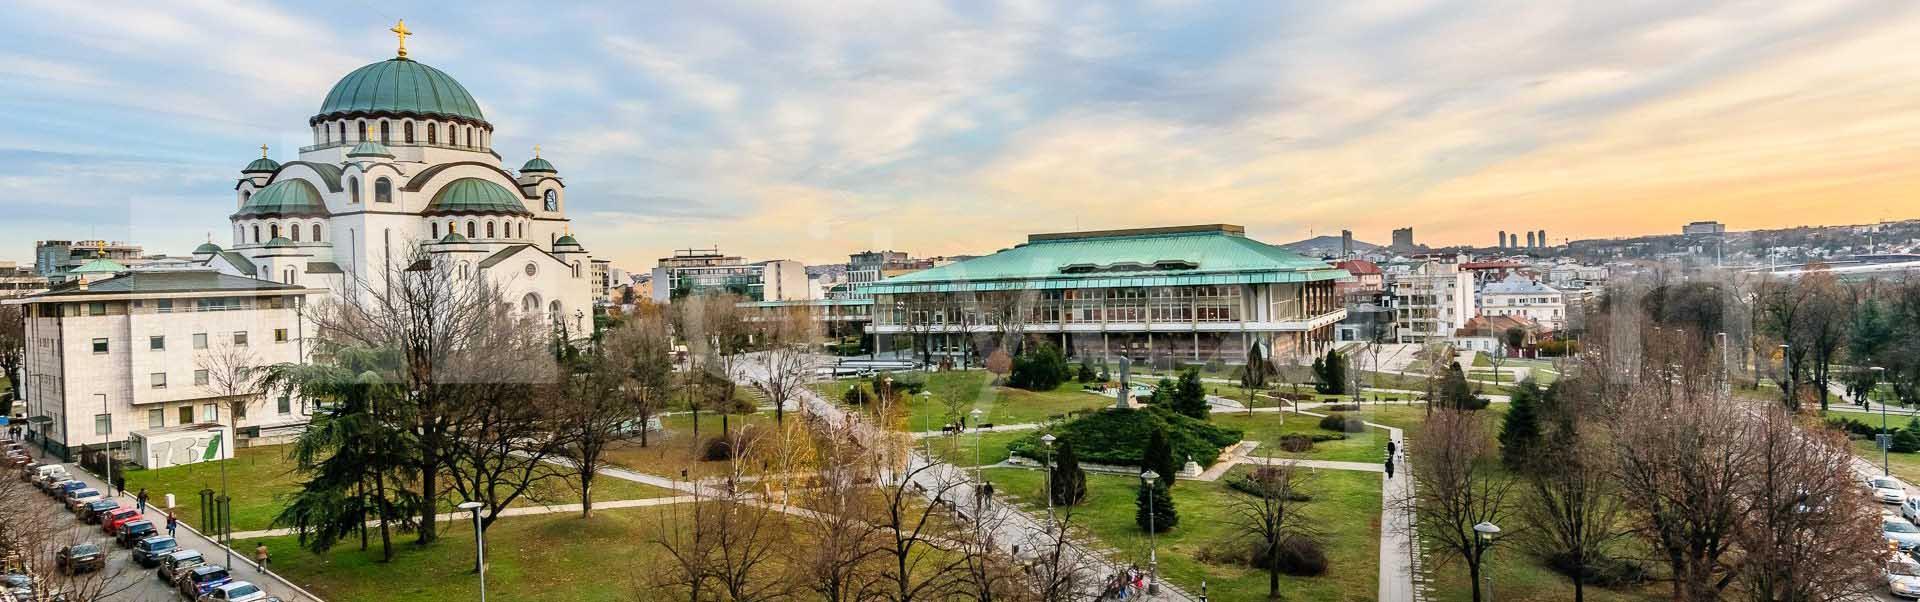 Dostava hrane Hram | Beograd